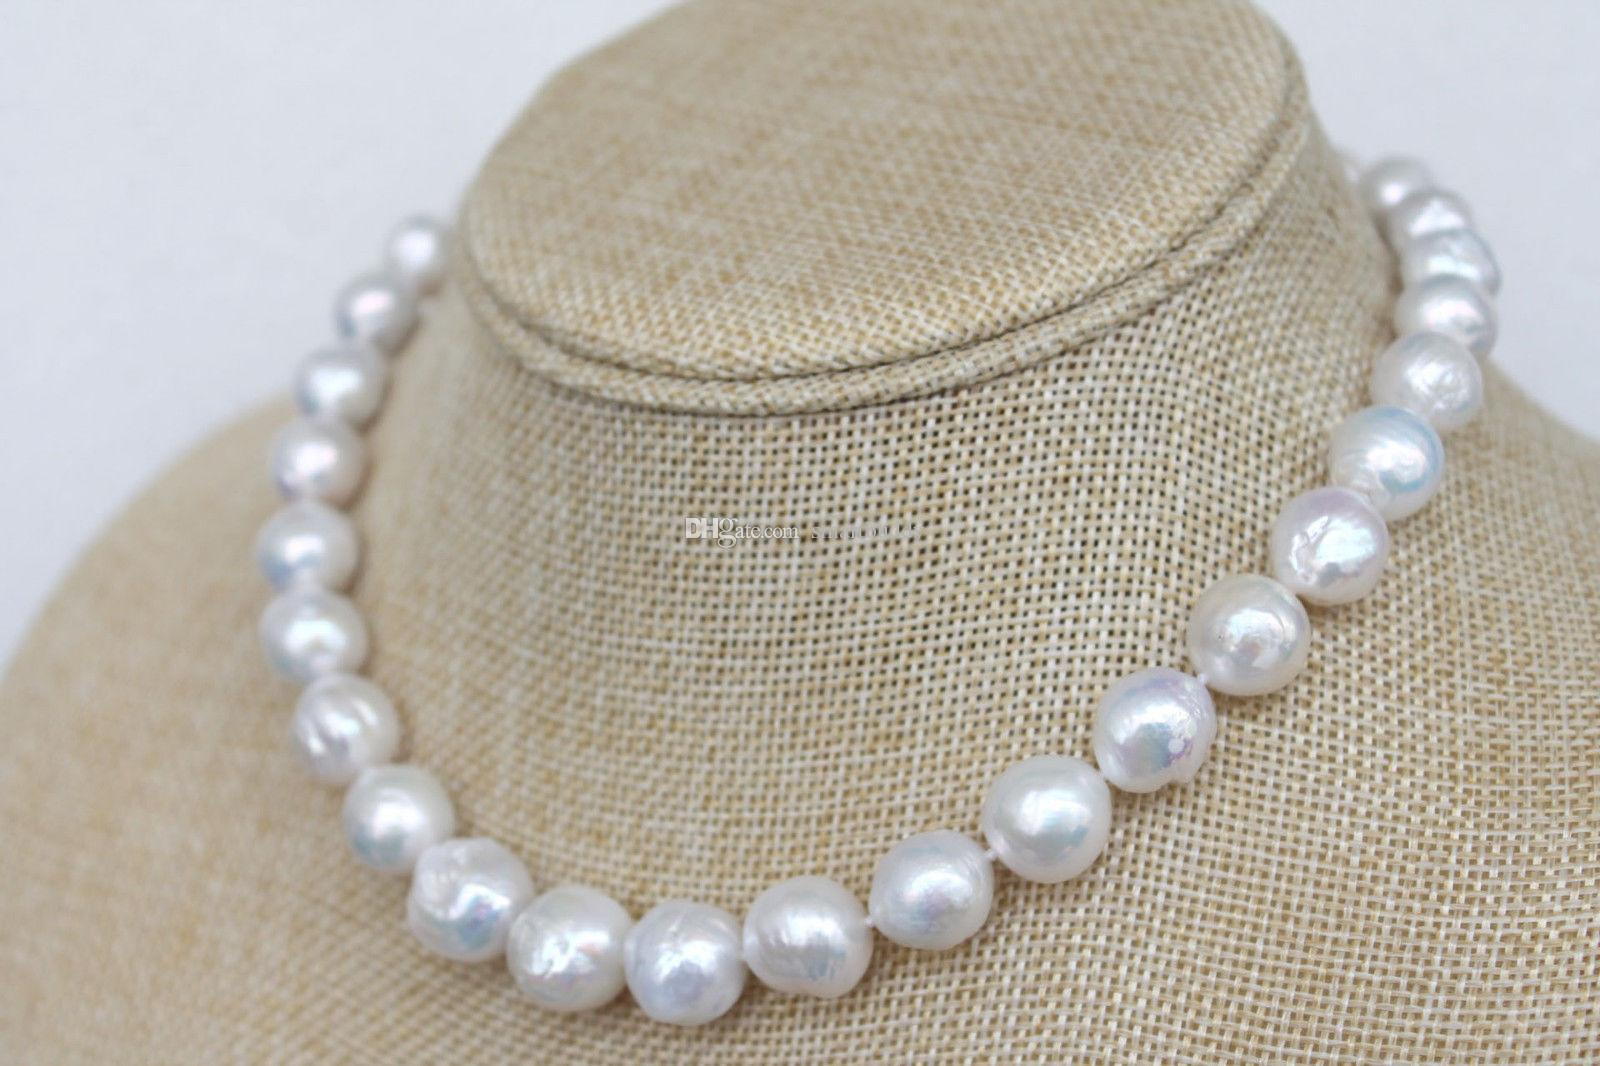 Bijoux de perles fines Magnifique 12-15mm blanc Kasumi-like Winkled Pearl Necklace 18 pouces